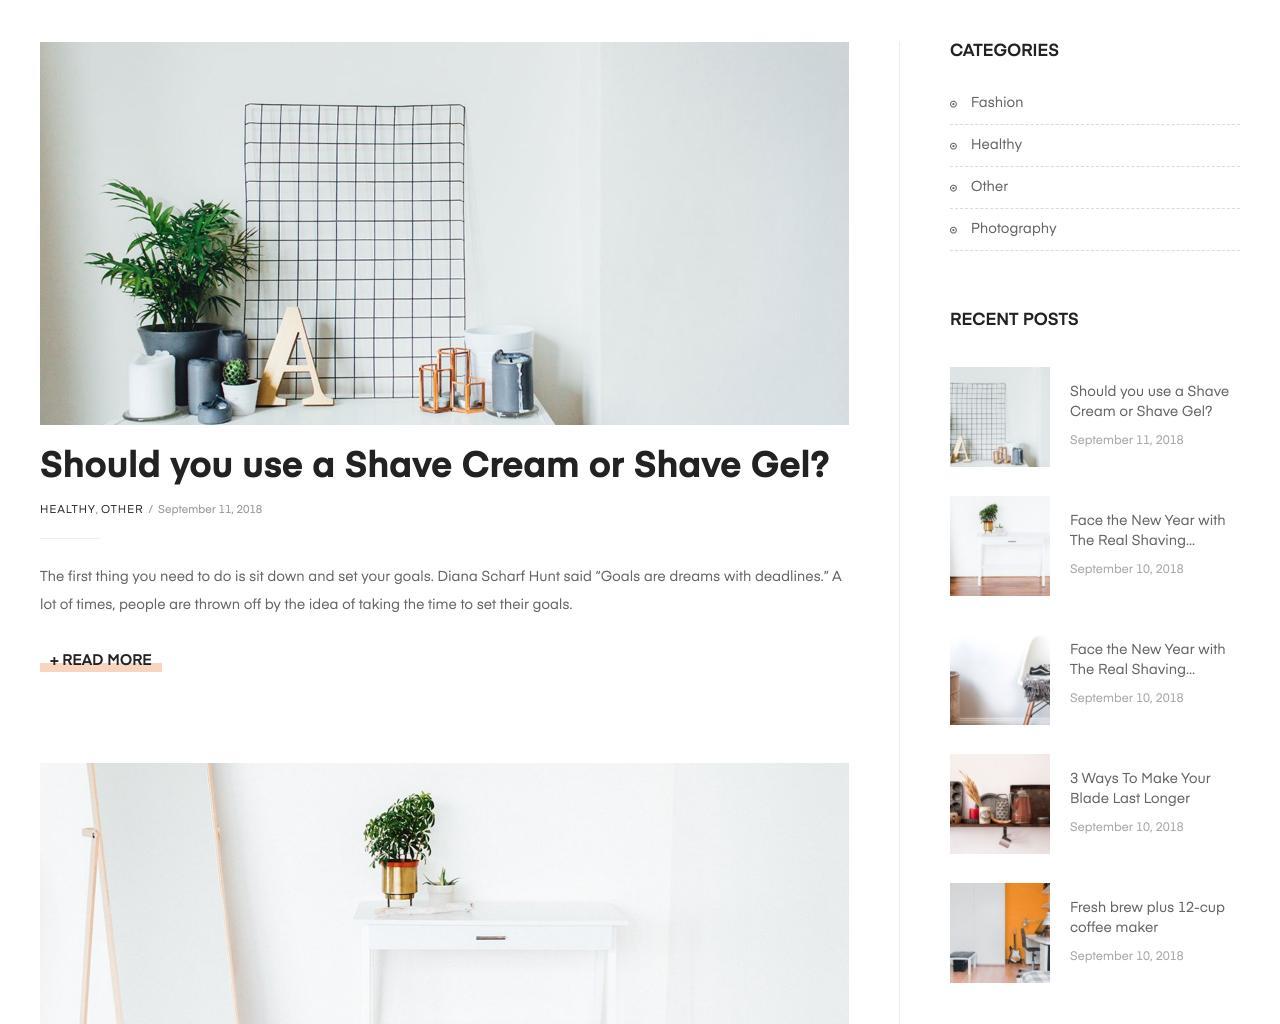 Website vật dụng trang trí nội thất - interior decoration-2